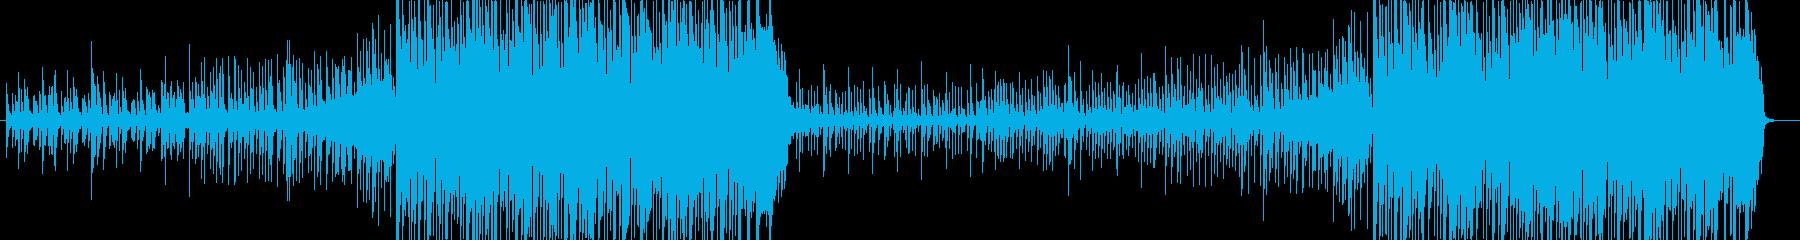 夏・爽やか・Future Bassの再生済みの波形